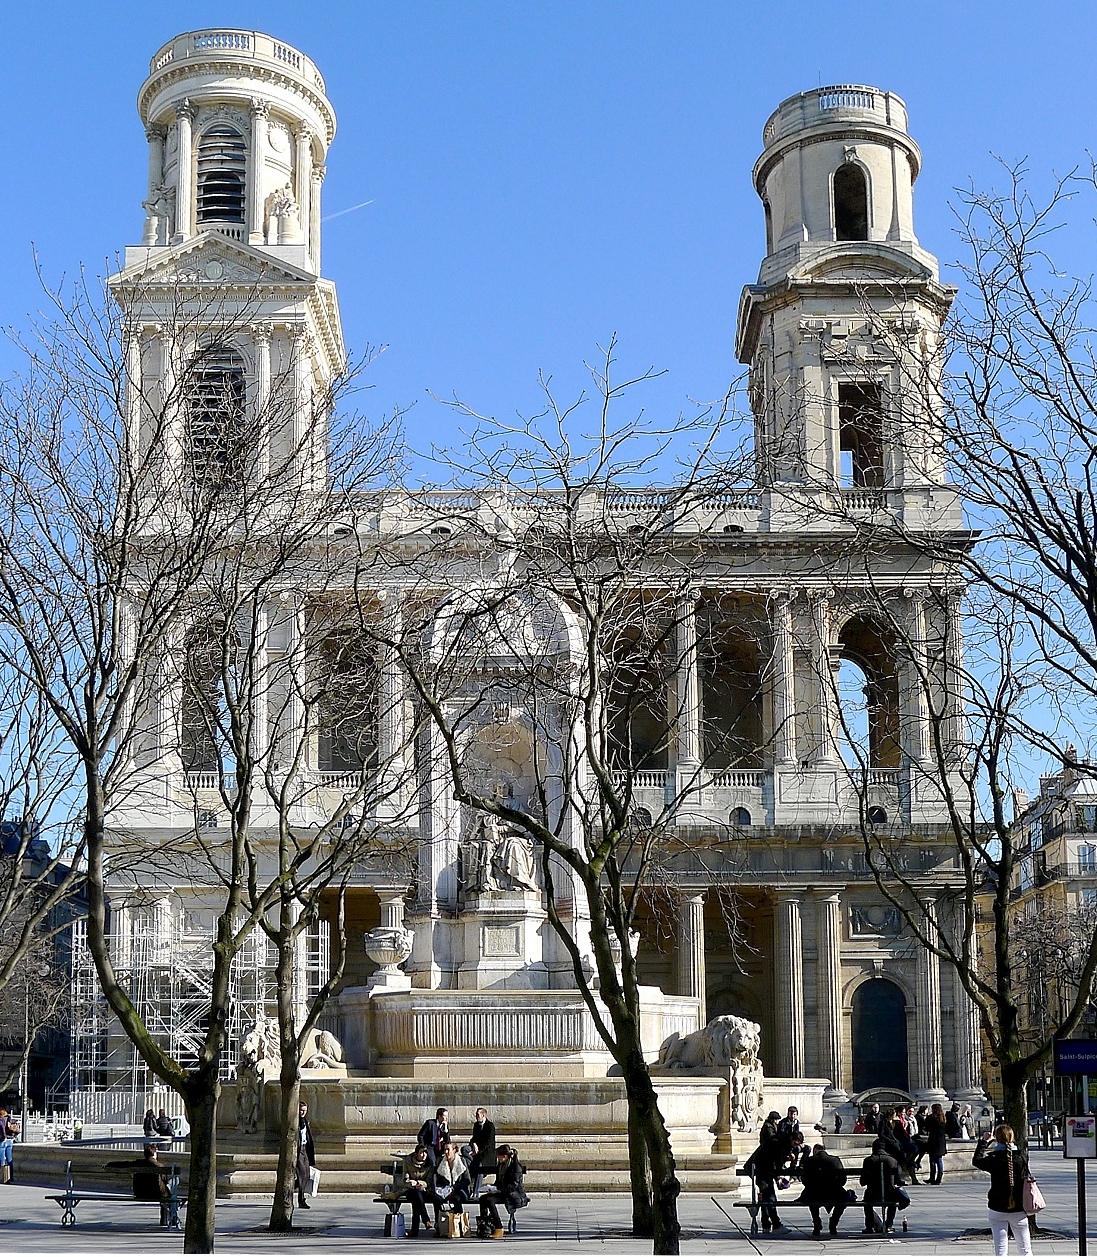 Idée visite à Paris,découvrez l'église Saint Sulpice et le pont Neuf1